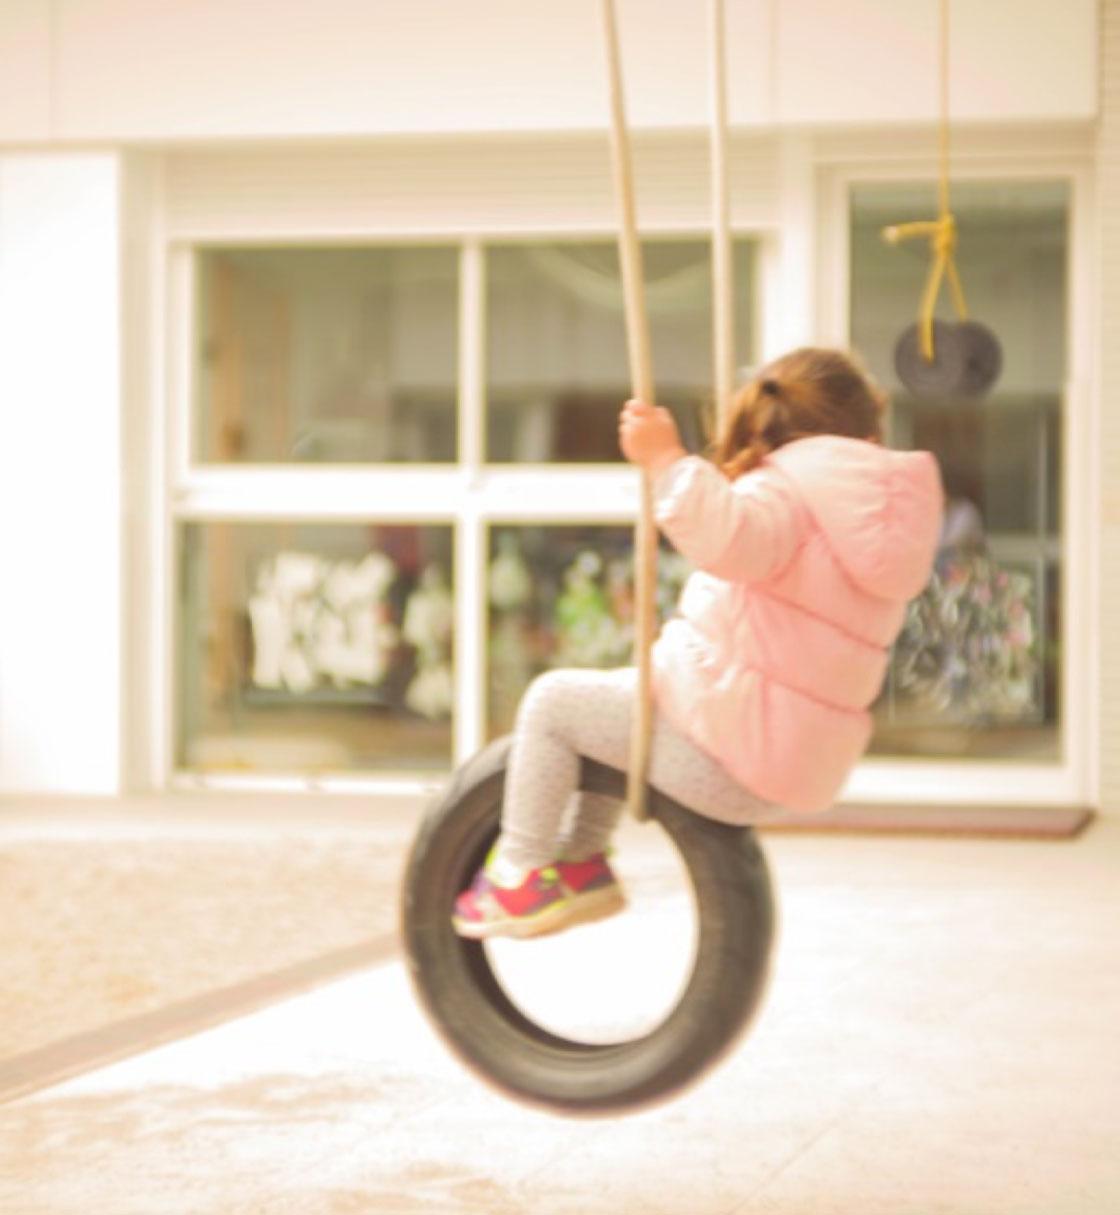 Sostenibilitat a escoles bressol municipals Cavall de Cartró